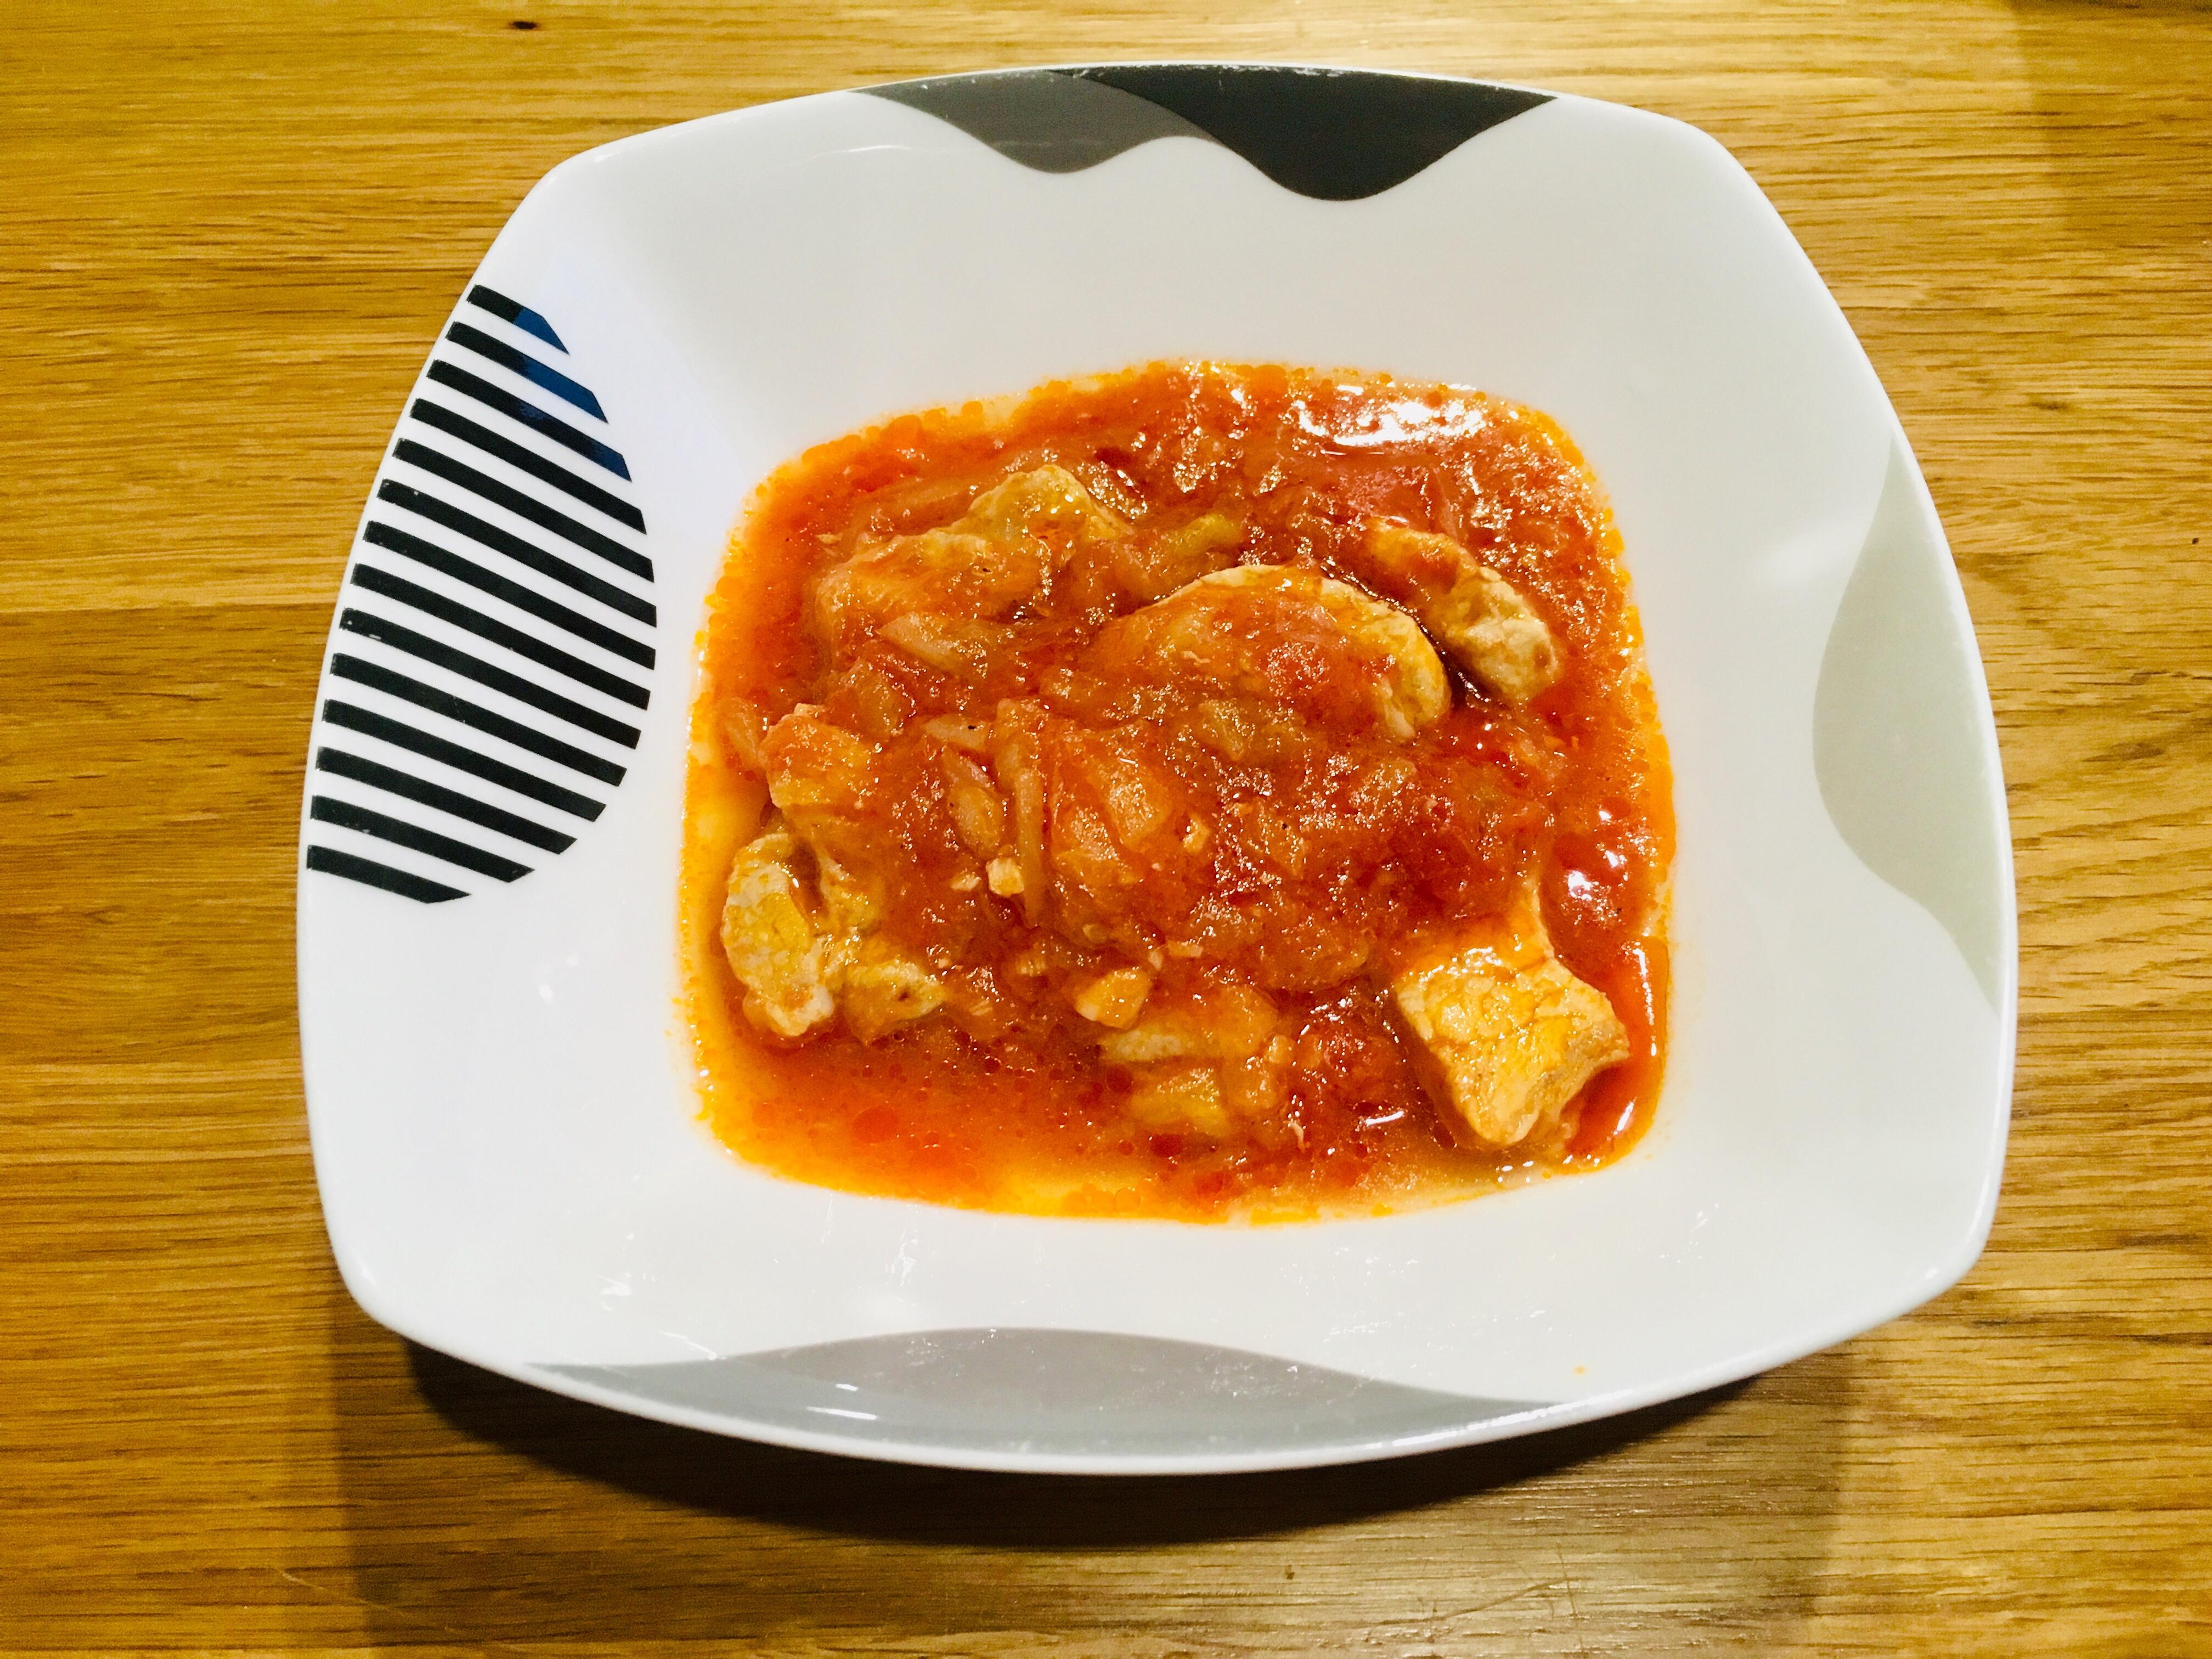 ホットクックで豚肉のトマト煮込み完成